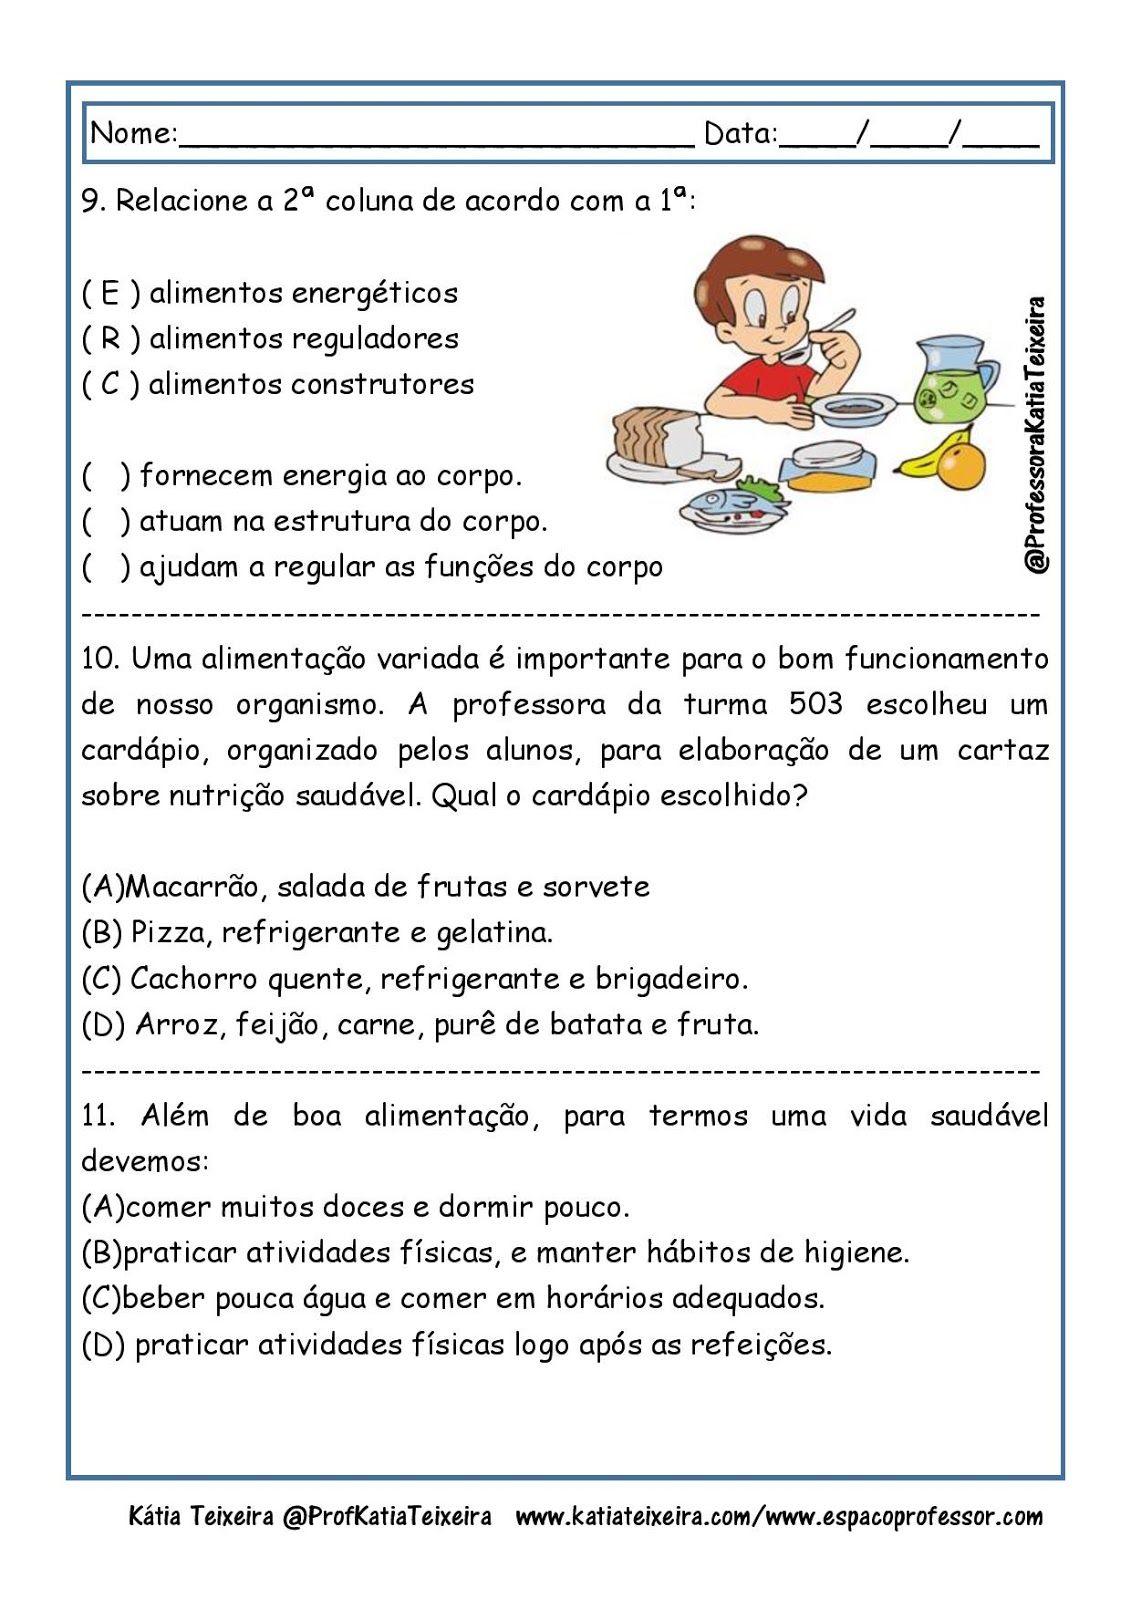 Atividades De Ciencias Alimentacao Piramide Alimentar Alimentos